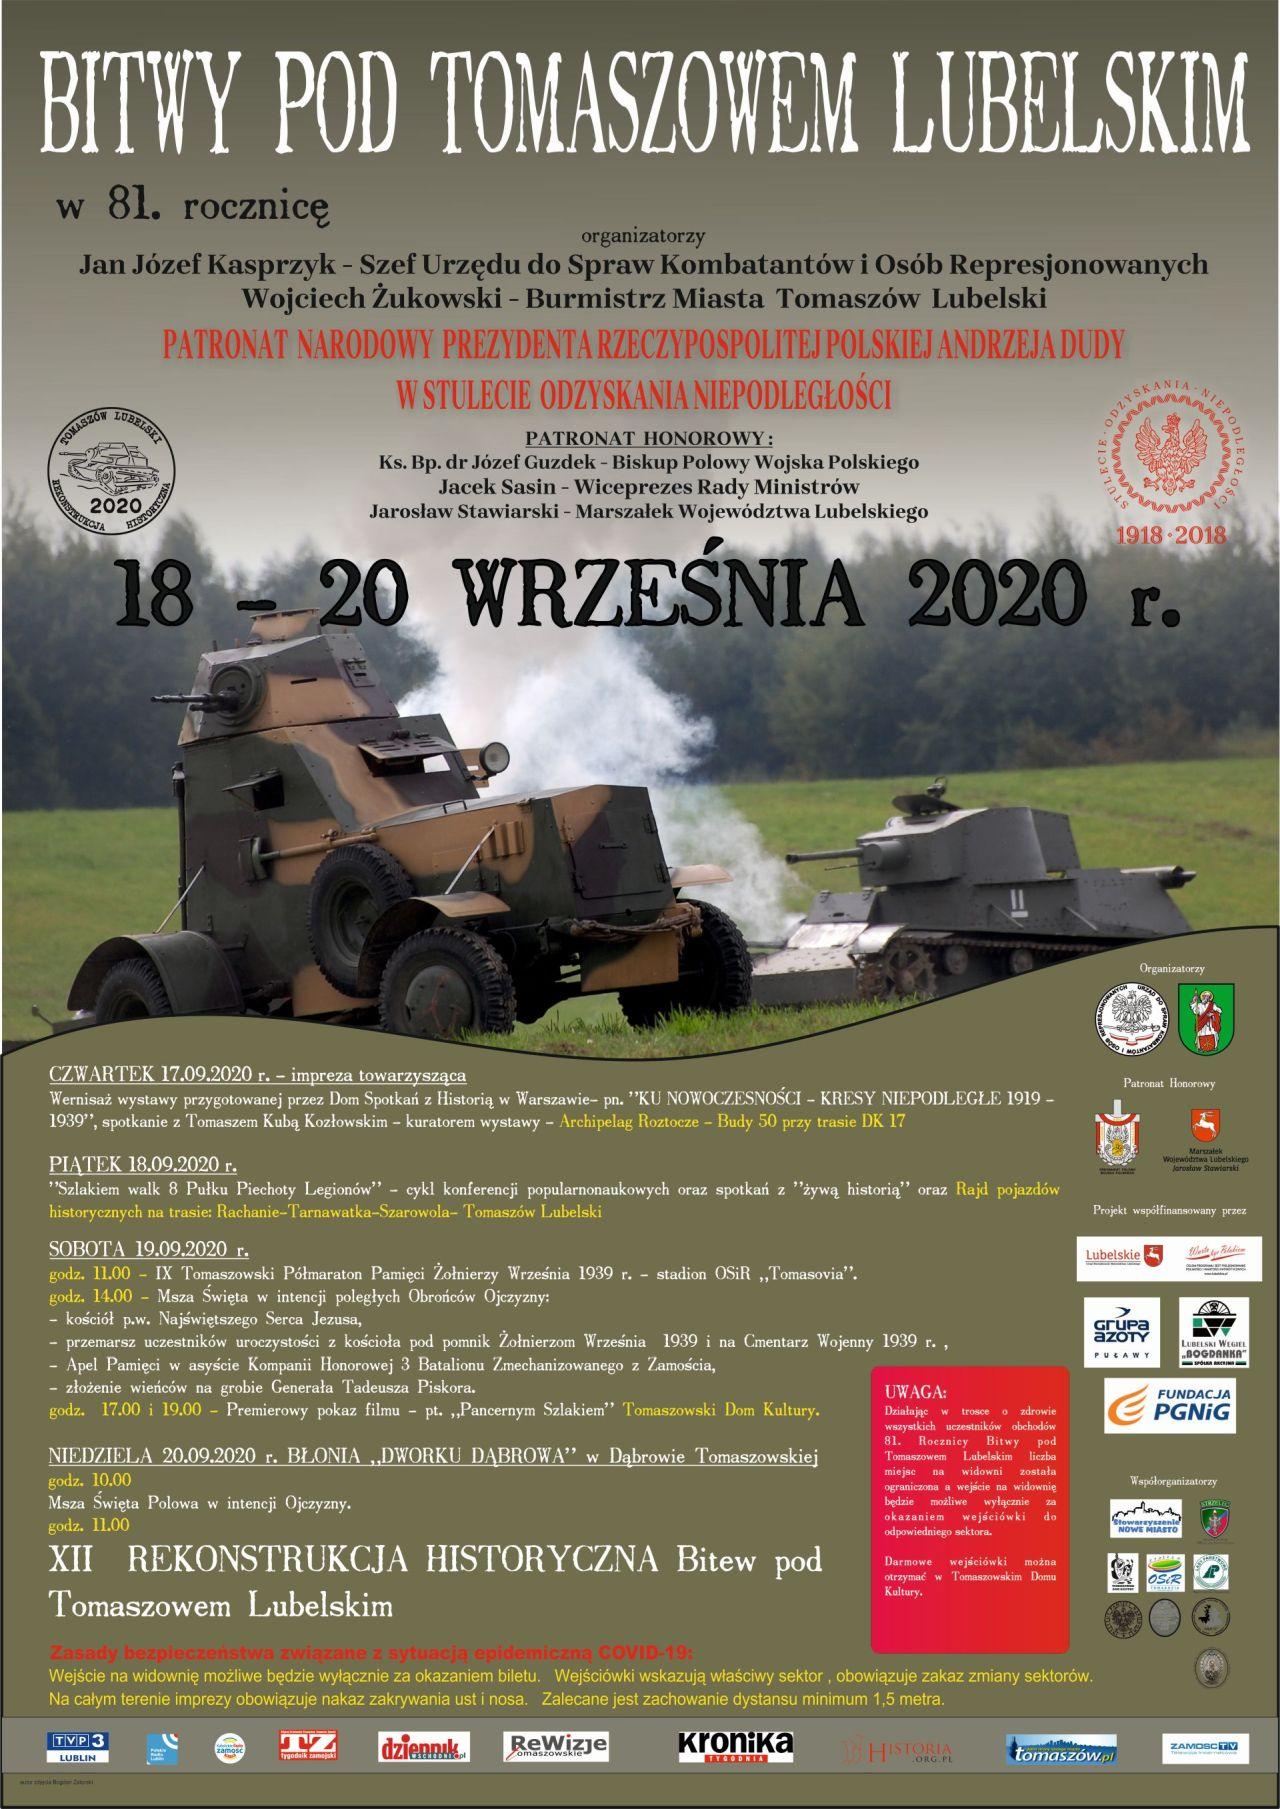 bitwy 2020 Obchody 81 rocznicy bitwy pod Tomaszowem Lubelskim